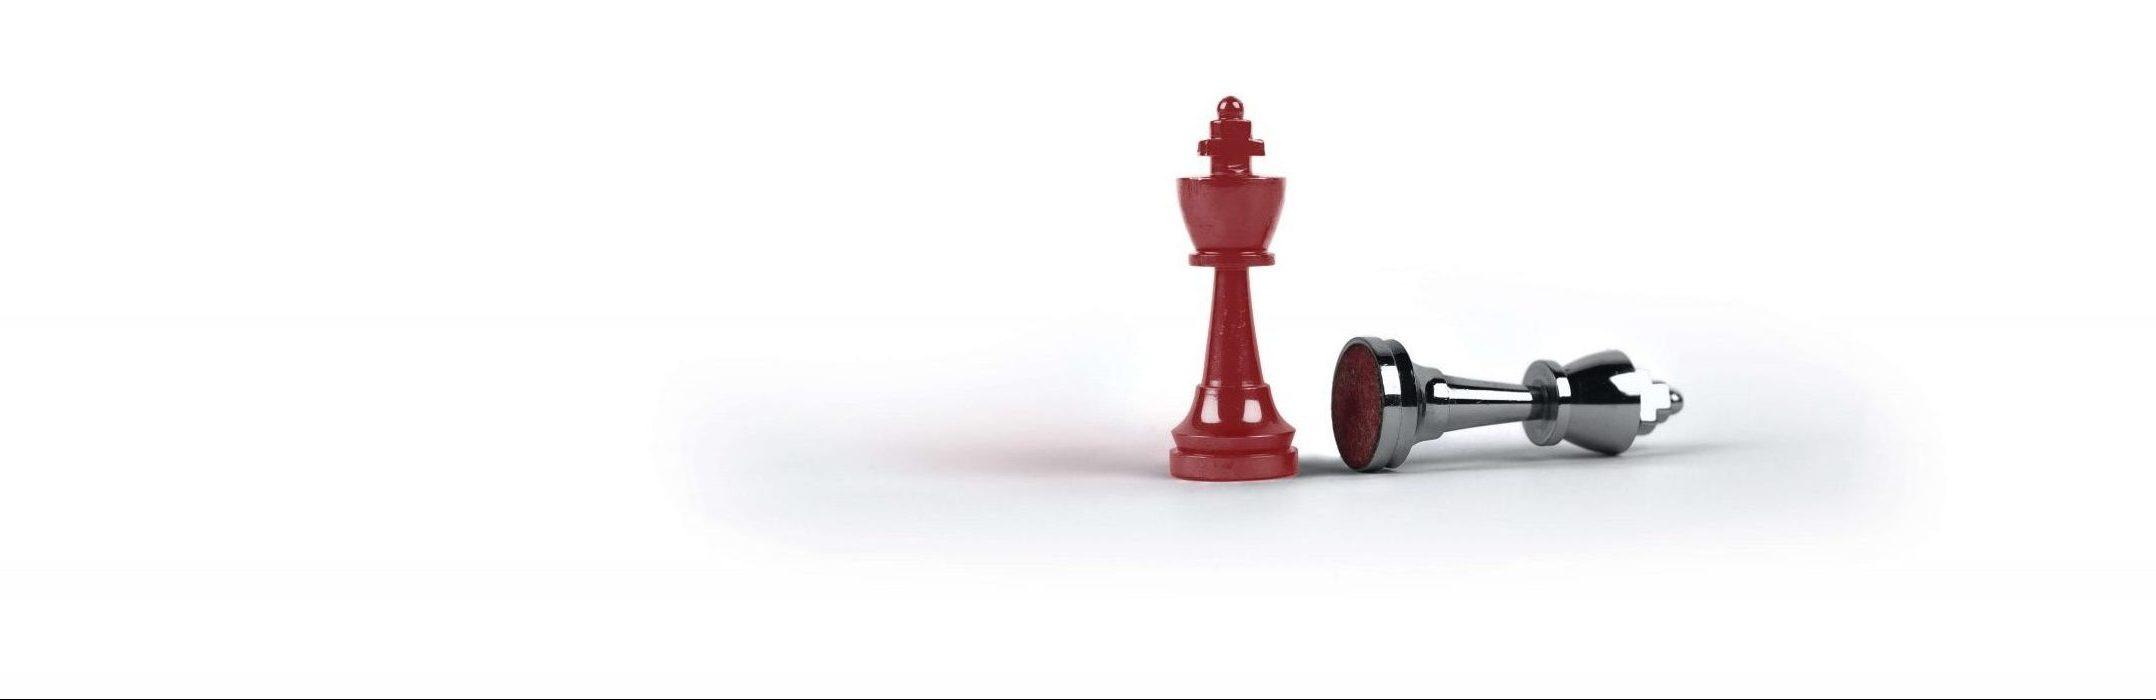 Two chessboard Queens